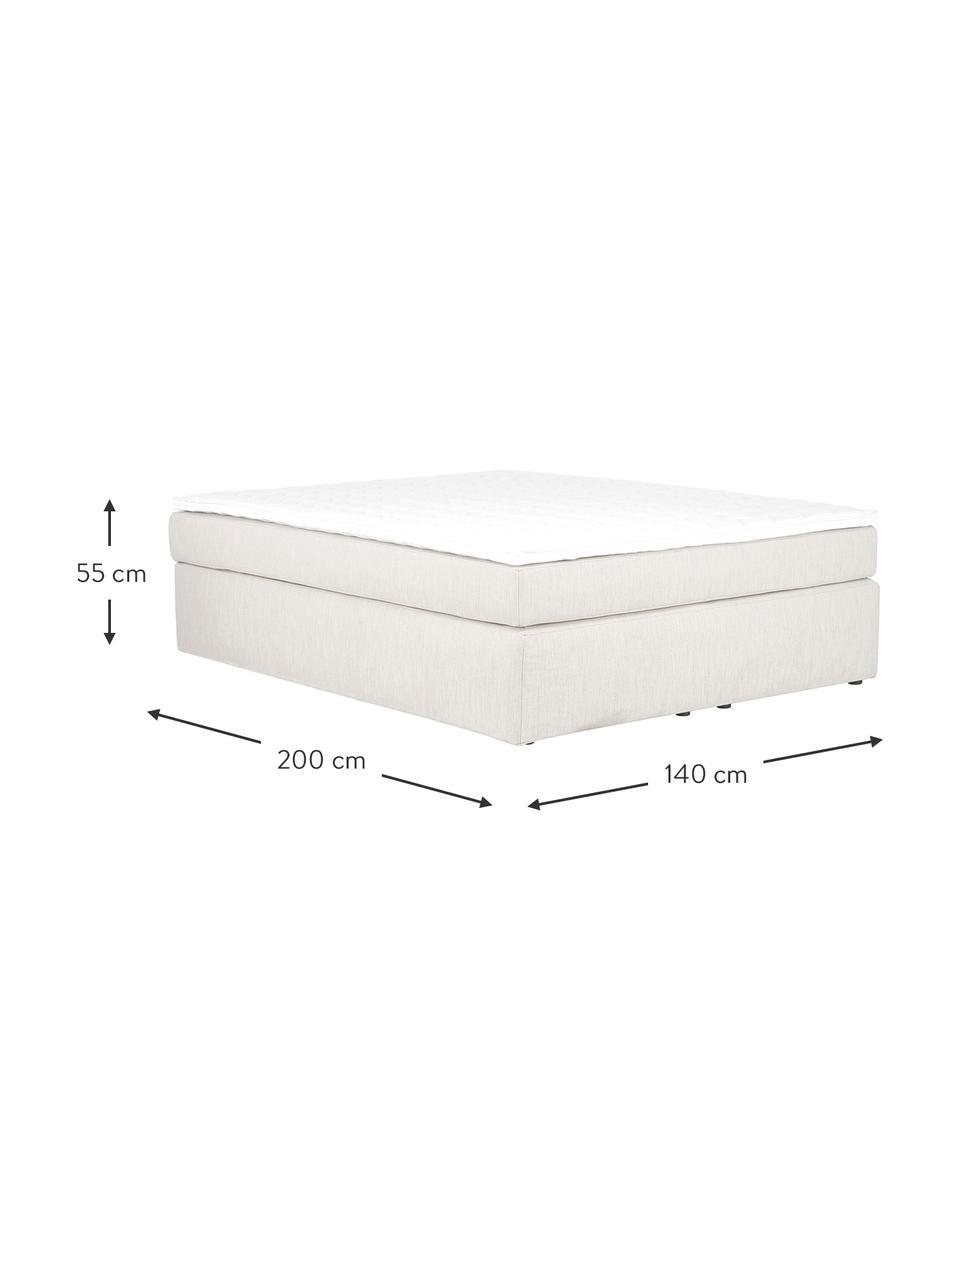 Łóżko kontynentalne bez zagłówka Aries, Nogi: tworzywo sztuczne, Jasny beżowy, S 200 x D 200 cm